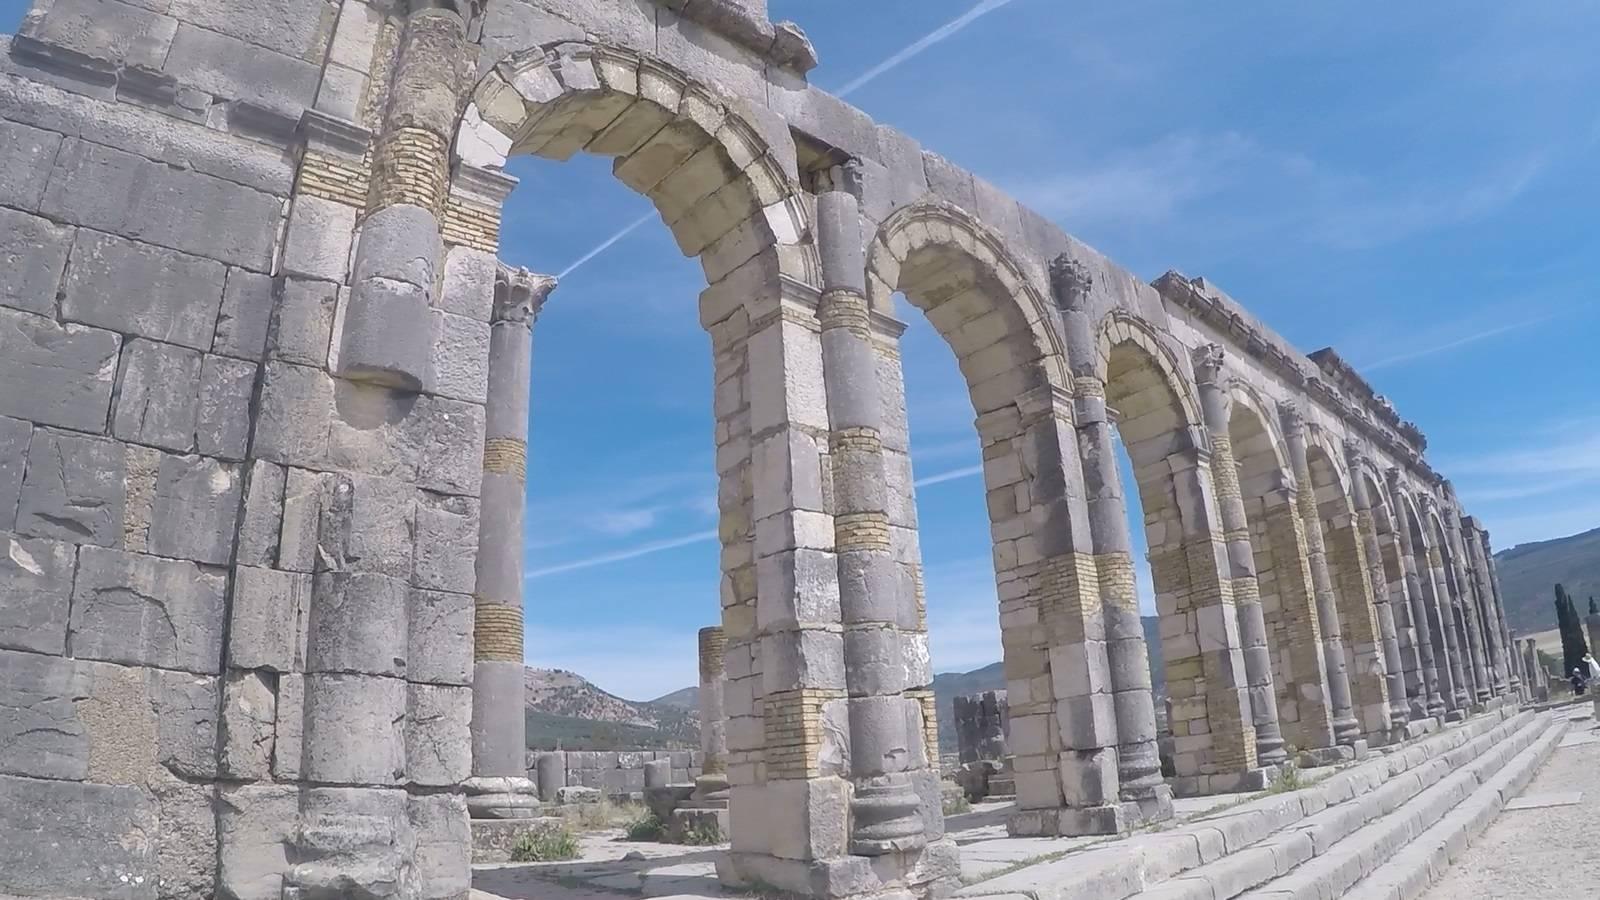 Photo 1: Volubilis - Ruines romaines au Maroc